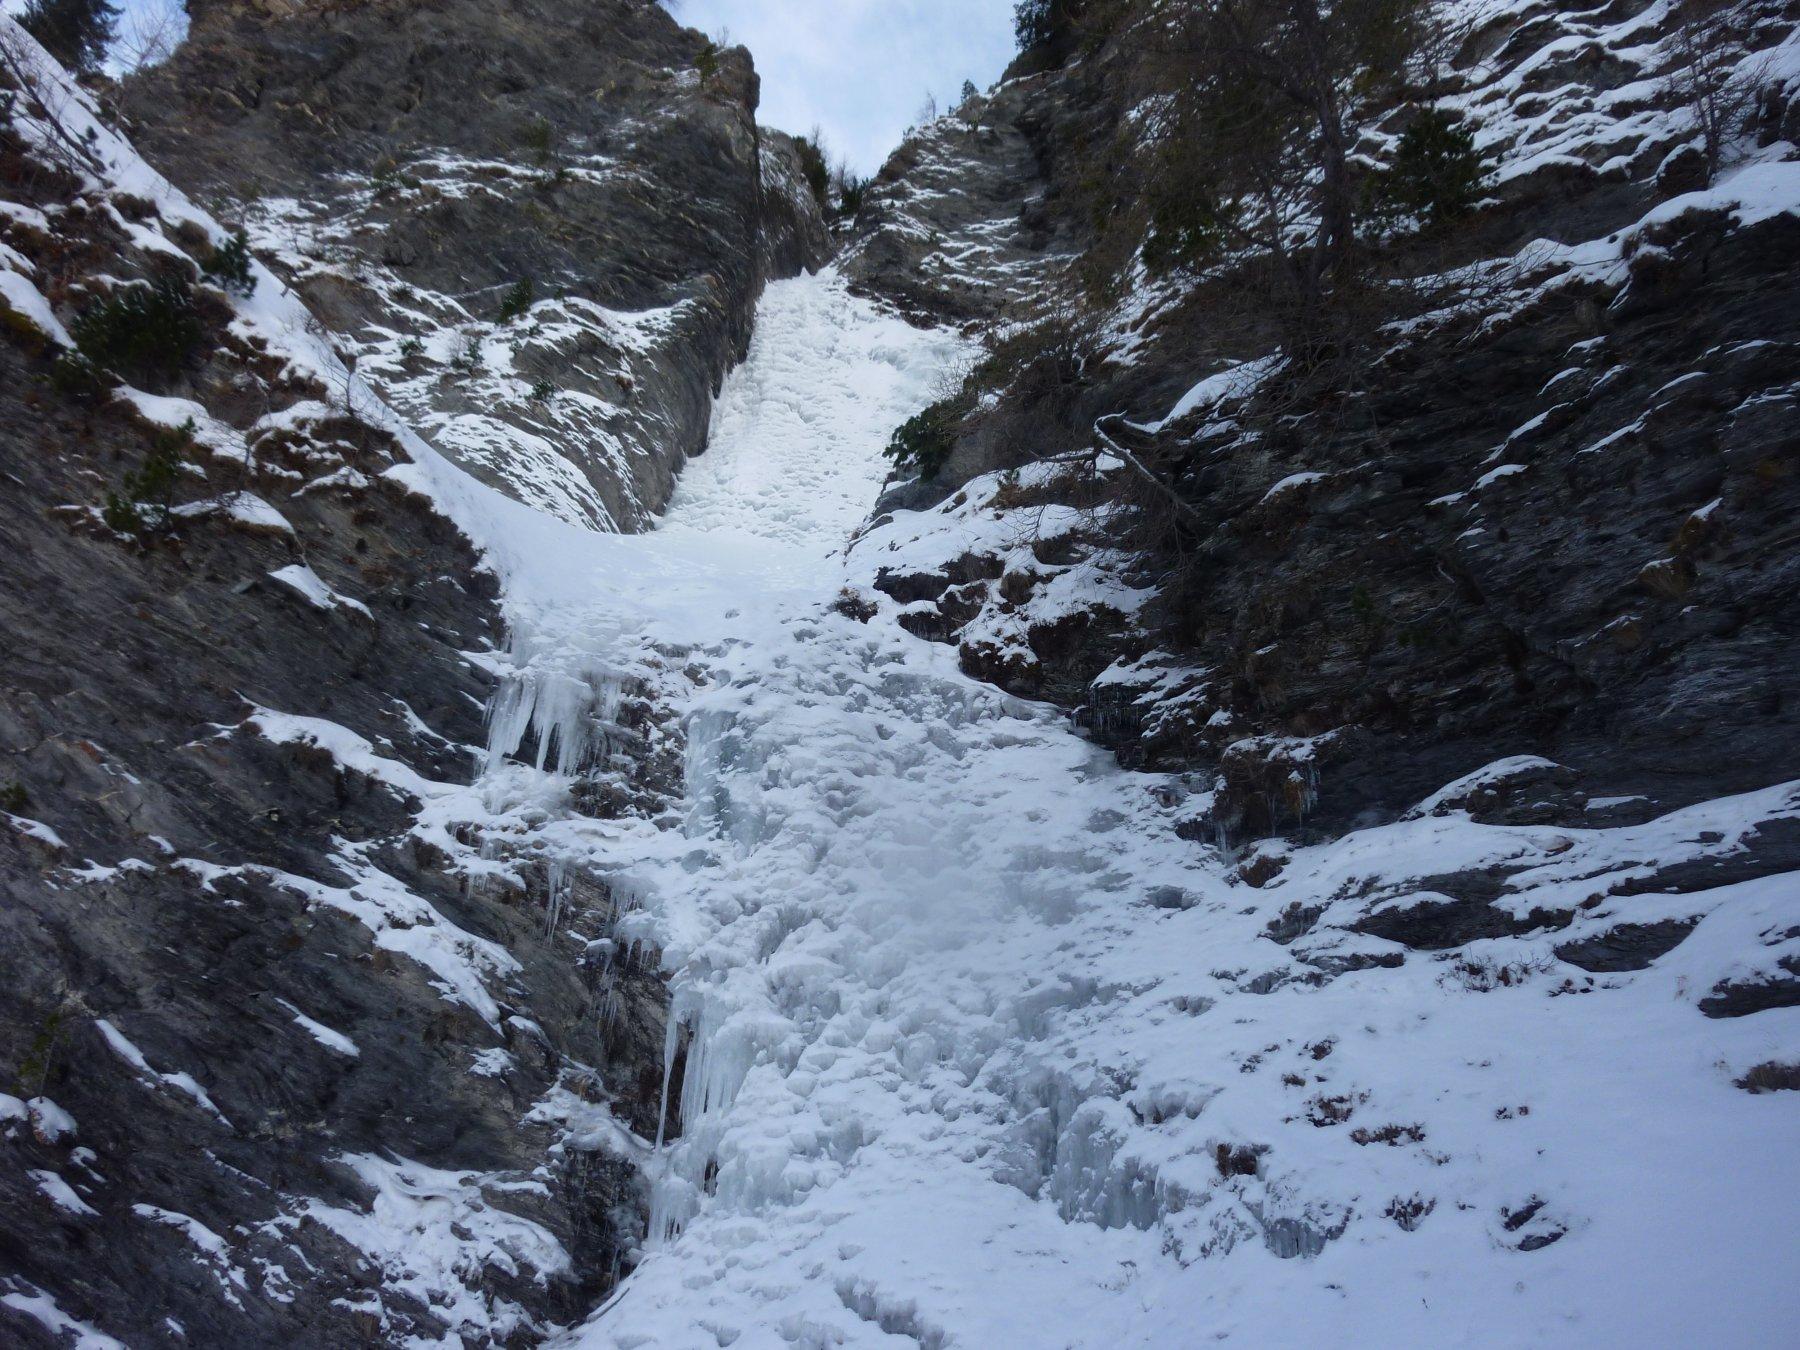 Chianale Salto dei Pachidermi (Cascata) 2018-12-17